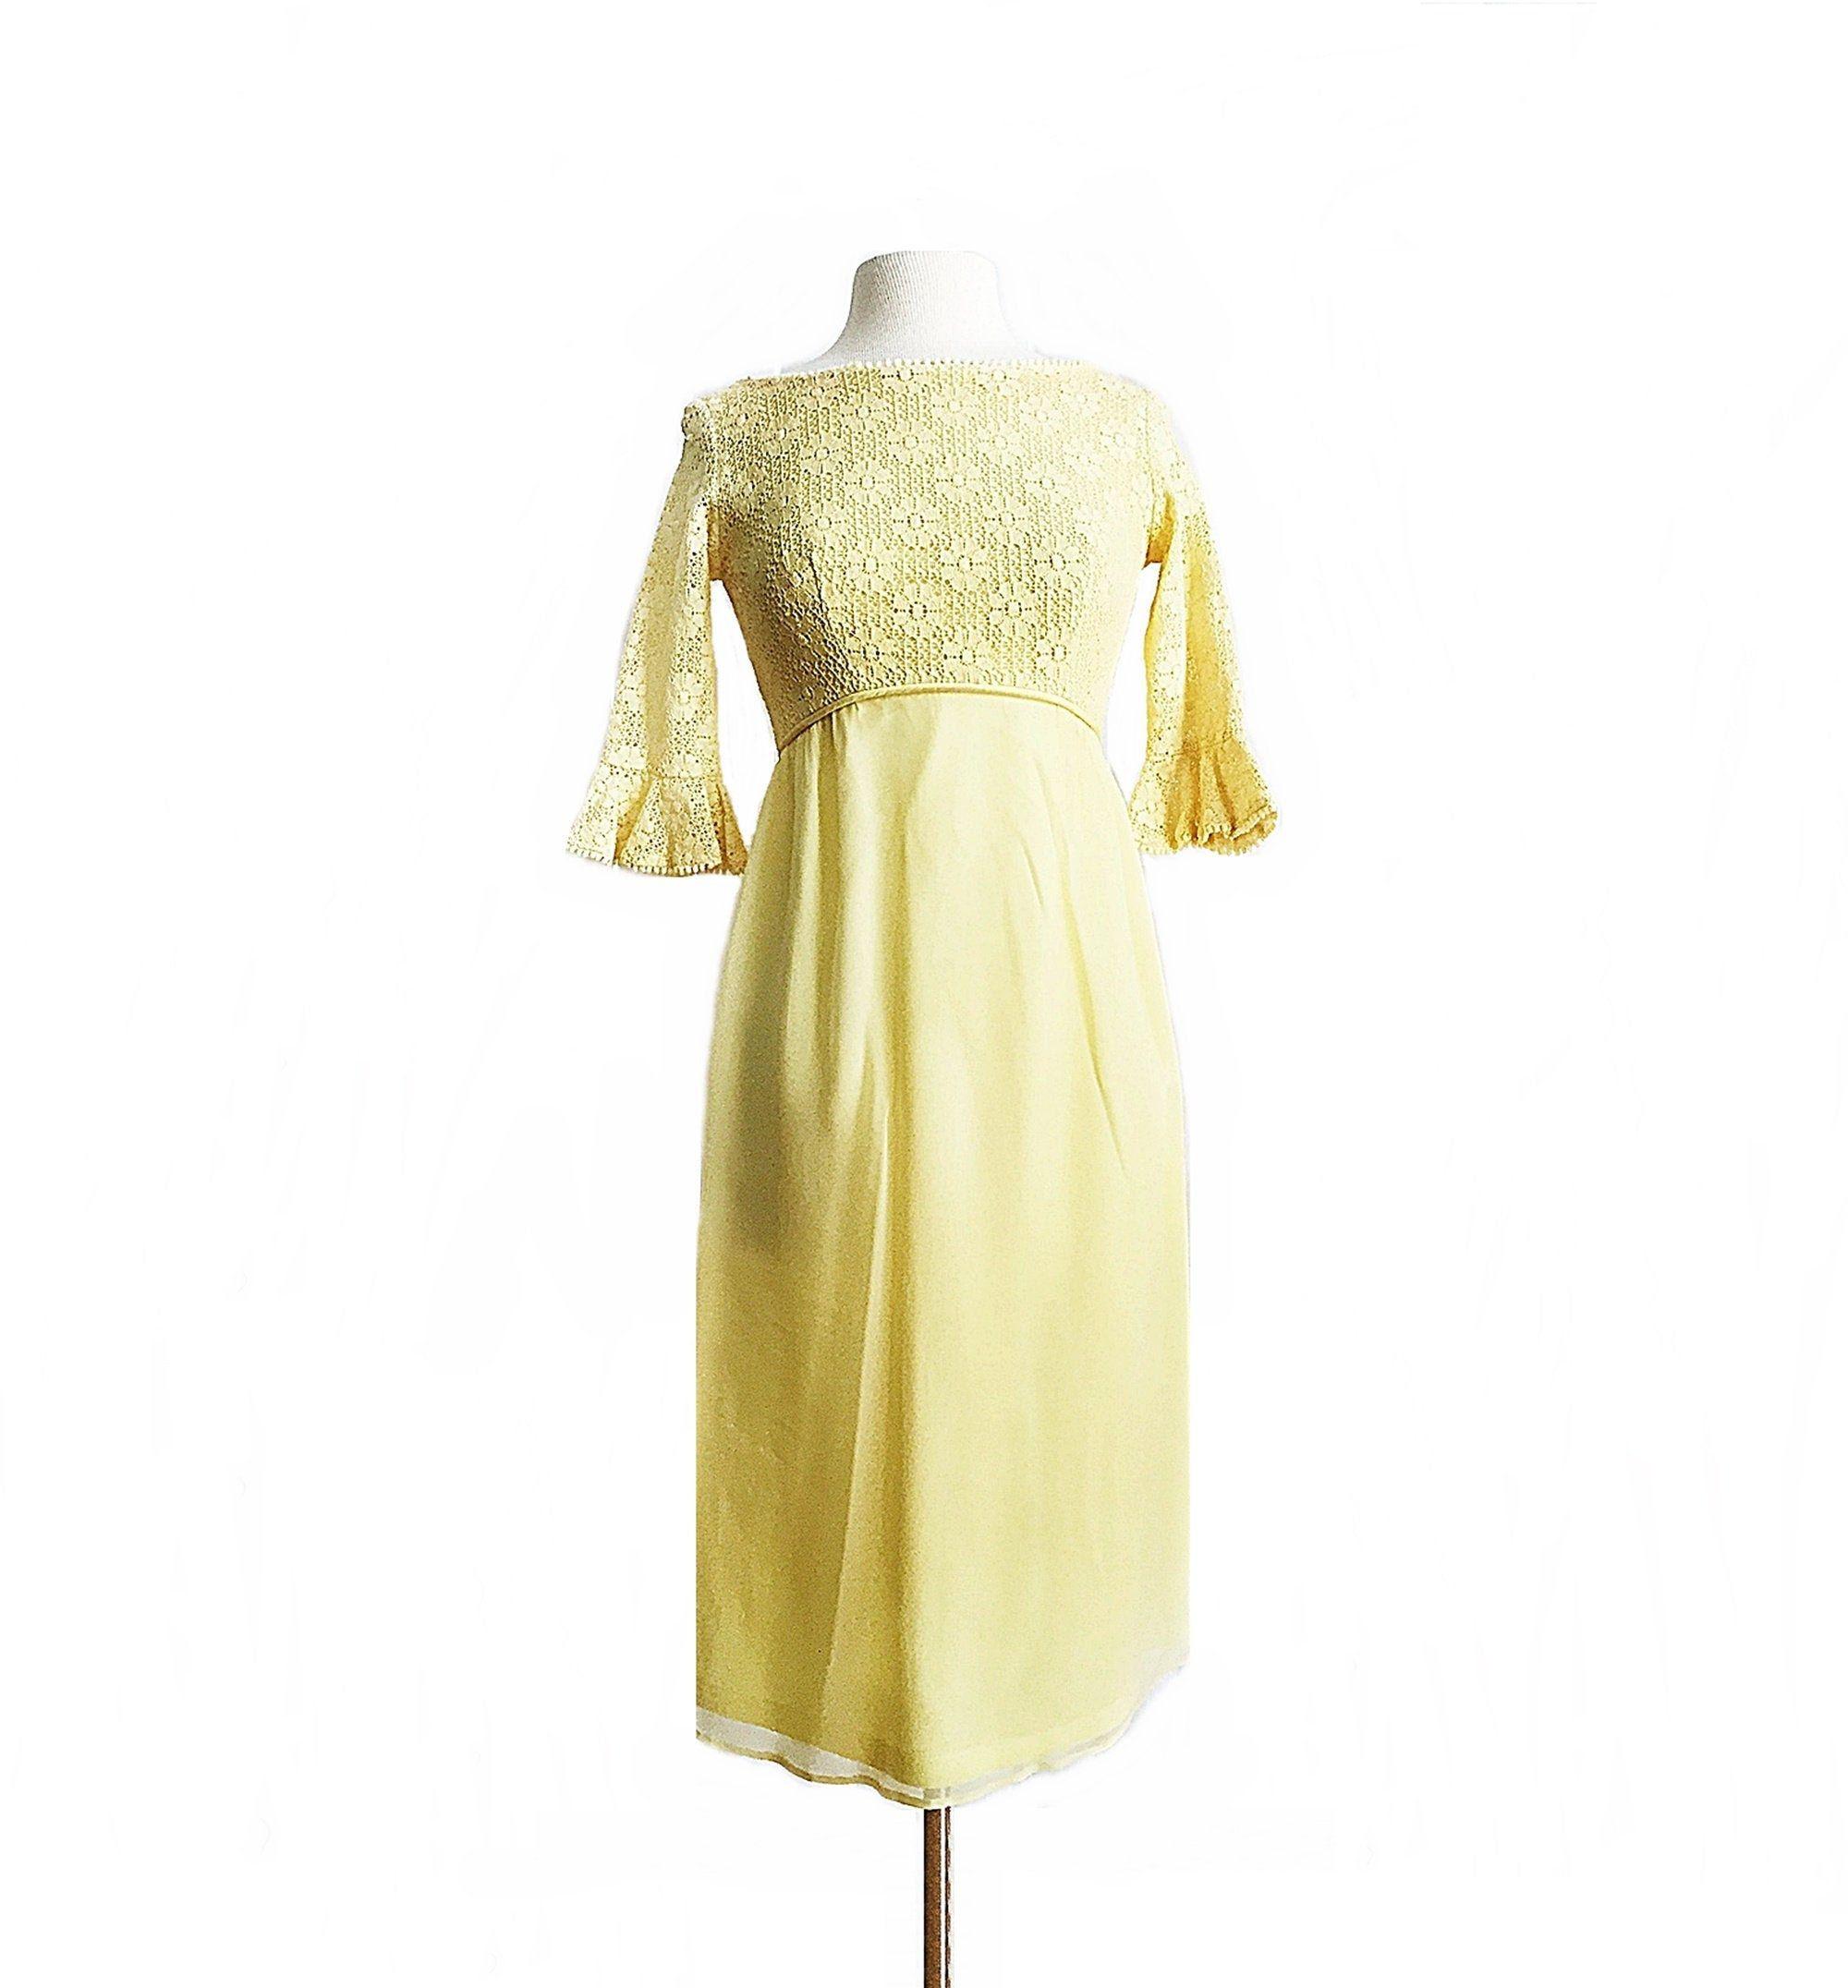 Vintage 60s Yellow Cocktail Dress Floral Lace Pastel Yellow Etsy Cocktail Dress Yellow Floral Cocktail Dress Dress Train [ 2152 x 2000 Pixel ]